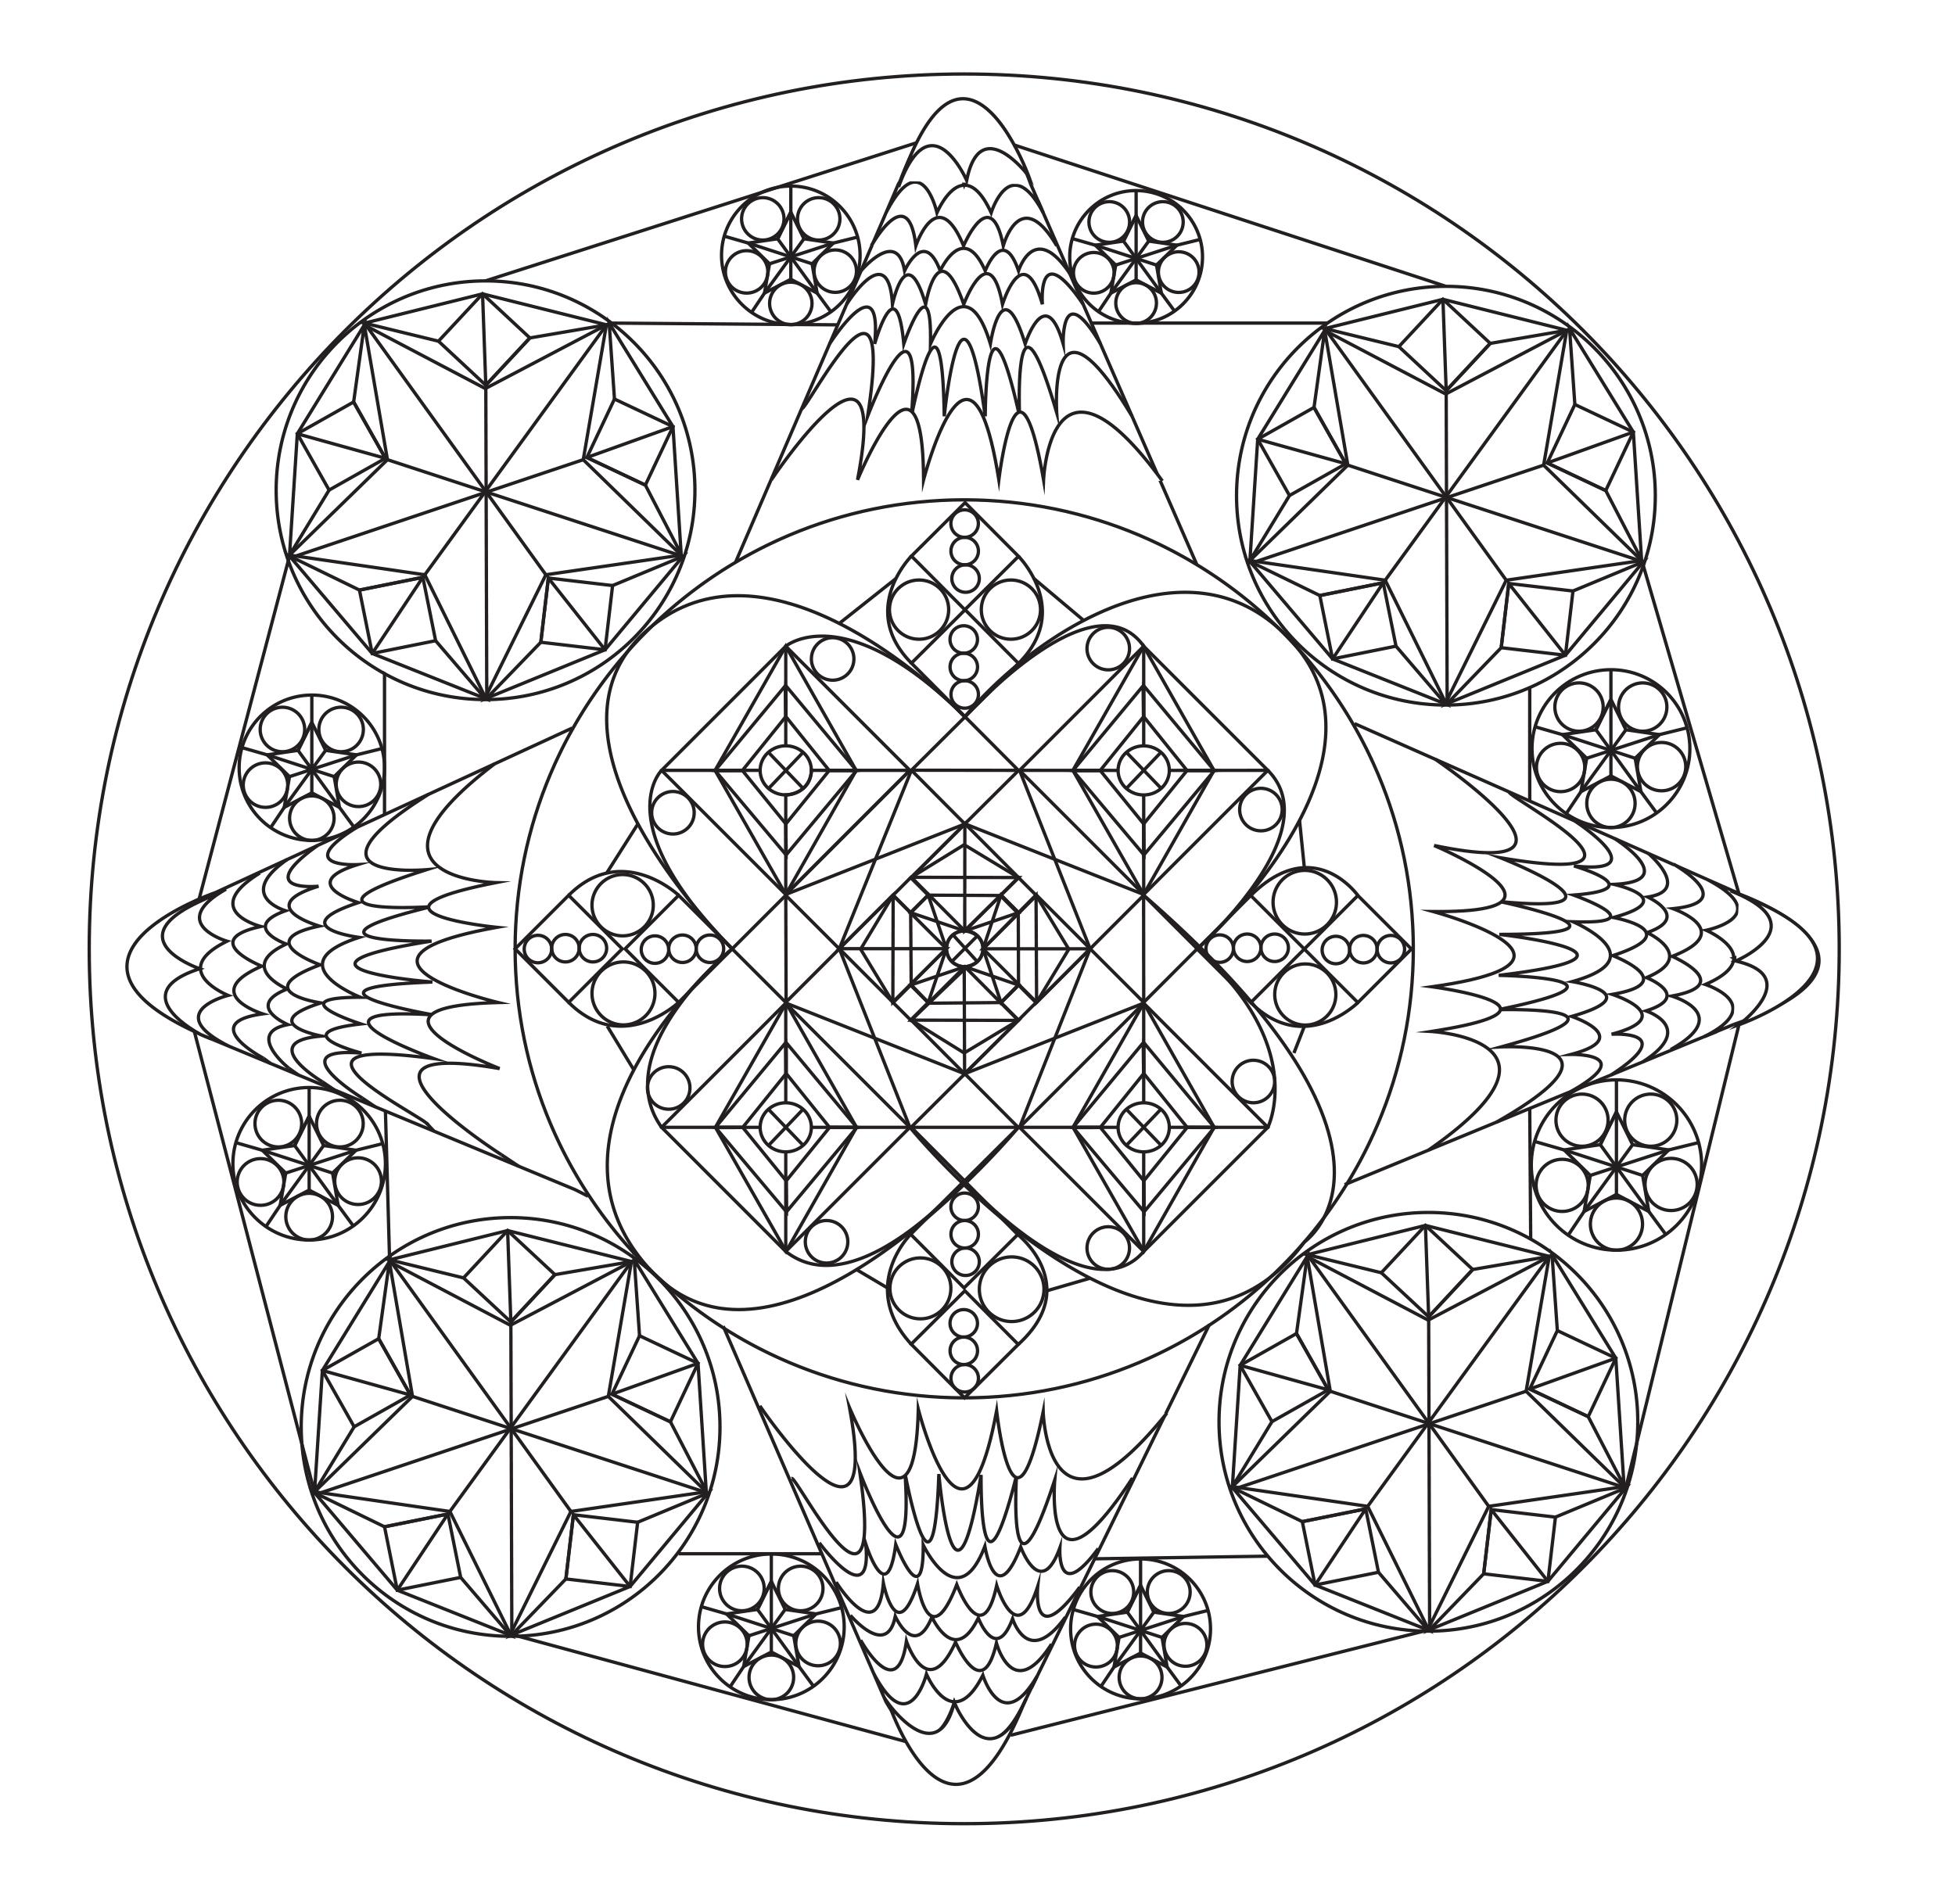 Mandala n 1 mandalas coloriages difficiles pour adultes - Mandalas a colorier pour adultes ...